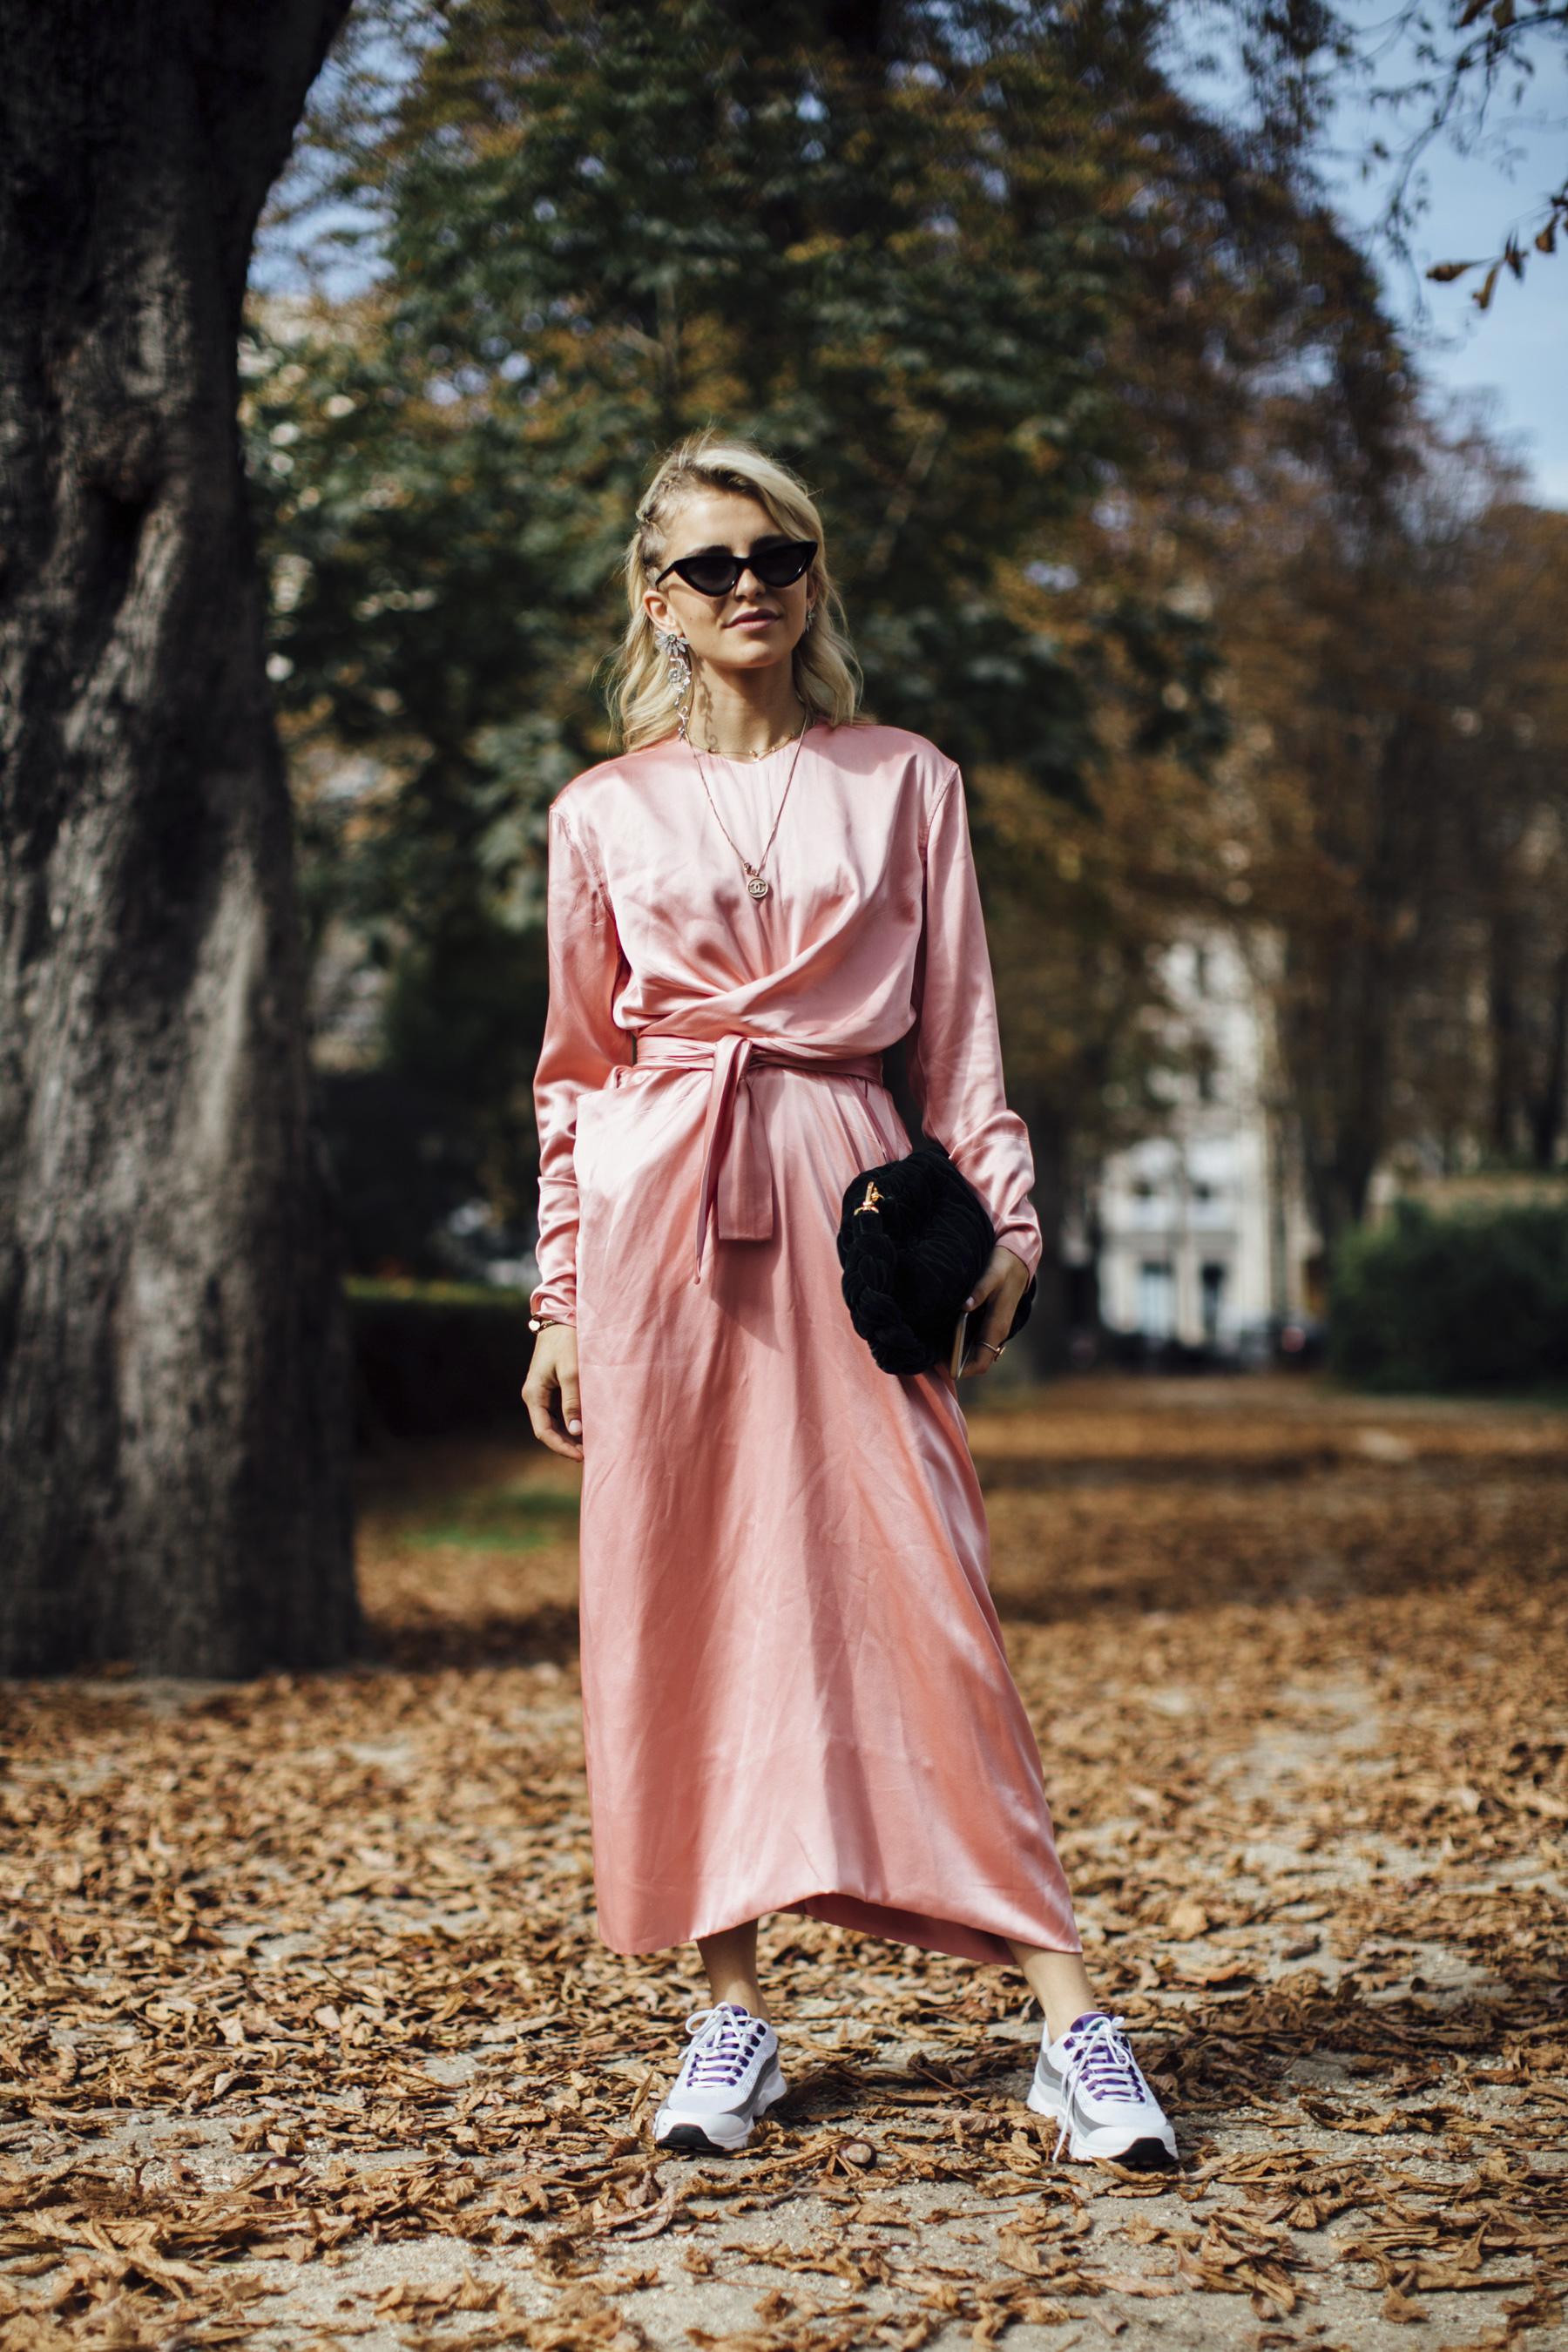 đầm hồng millennial túi xách giày new balance